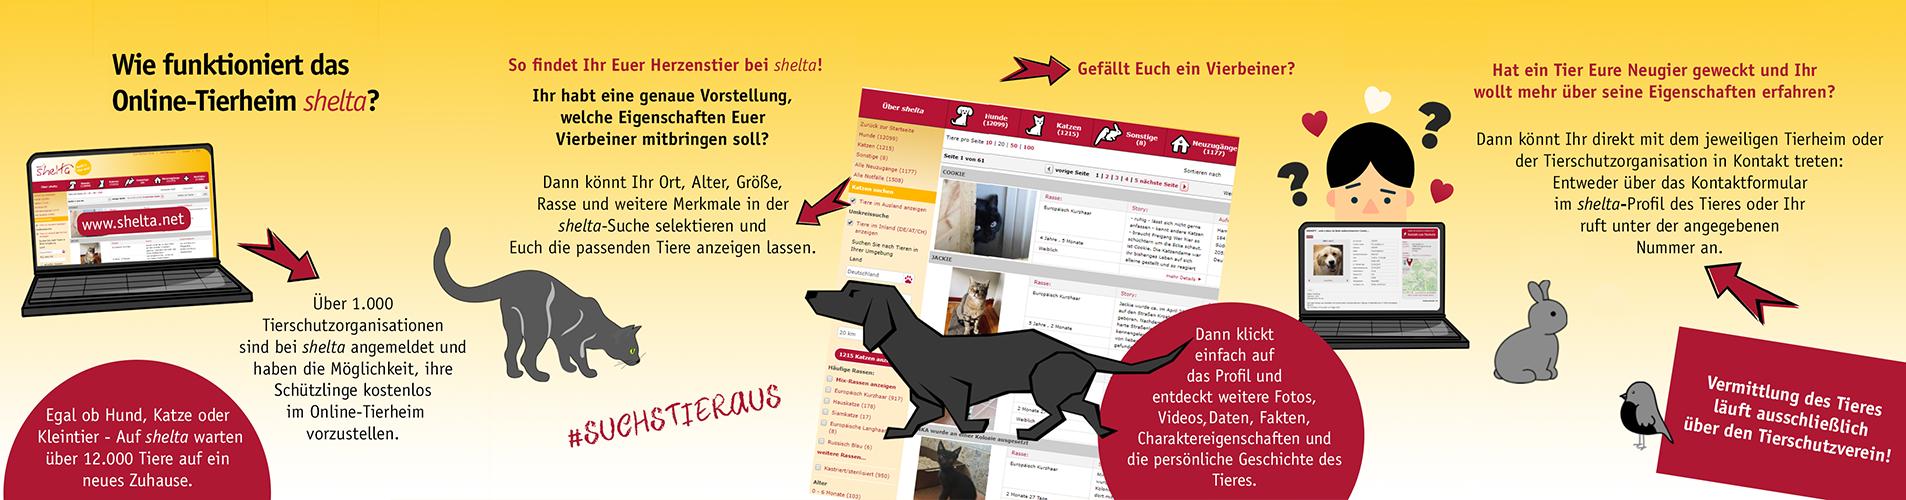 Wie funktioniert shelta Online-Tierheim_Grafik